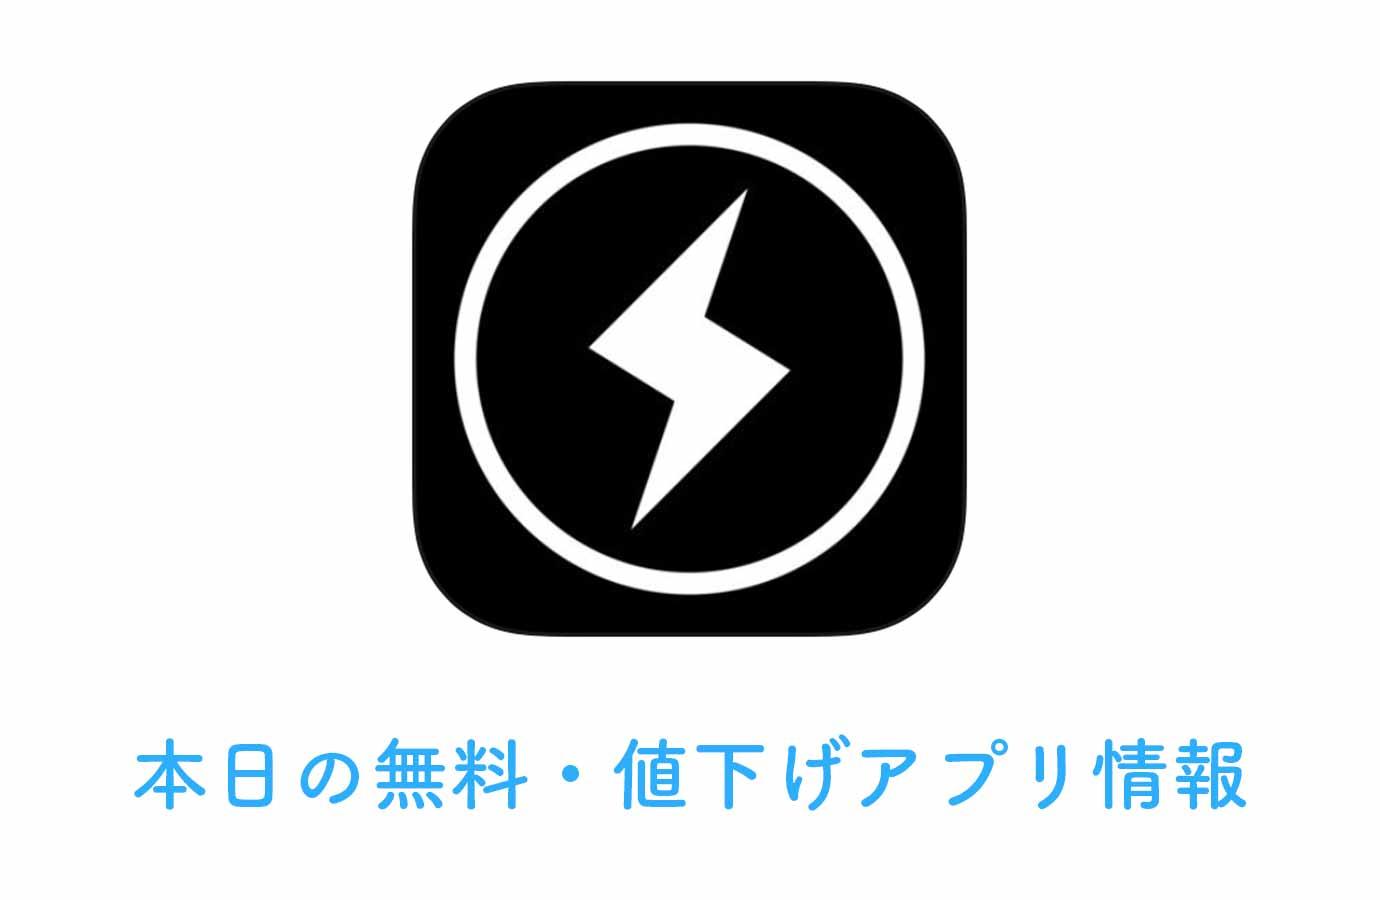 【600円→無料】暗い写真を明るく仕上げてくれる写真加工アプリ「Instaflash Pro」など【2/15】本日の無料・値下げアプリ情報